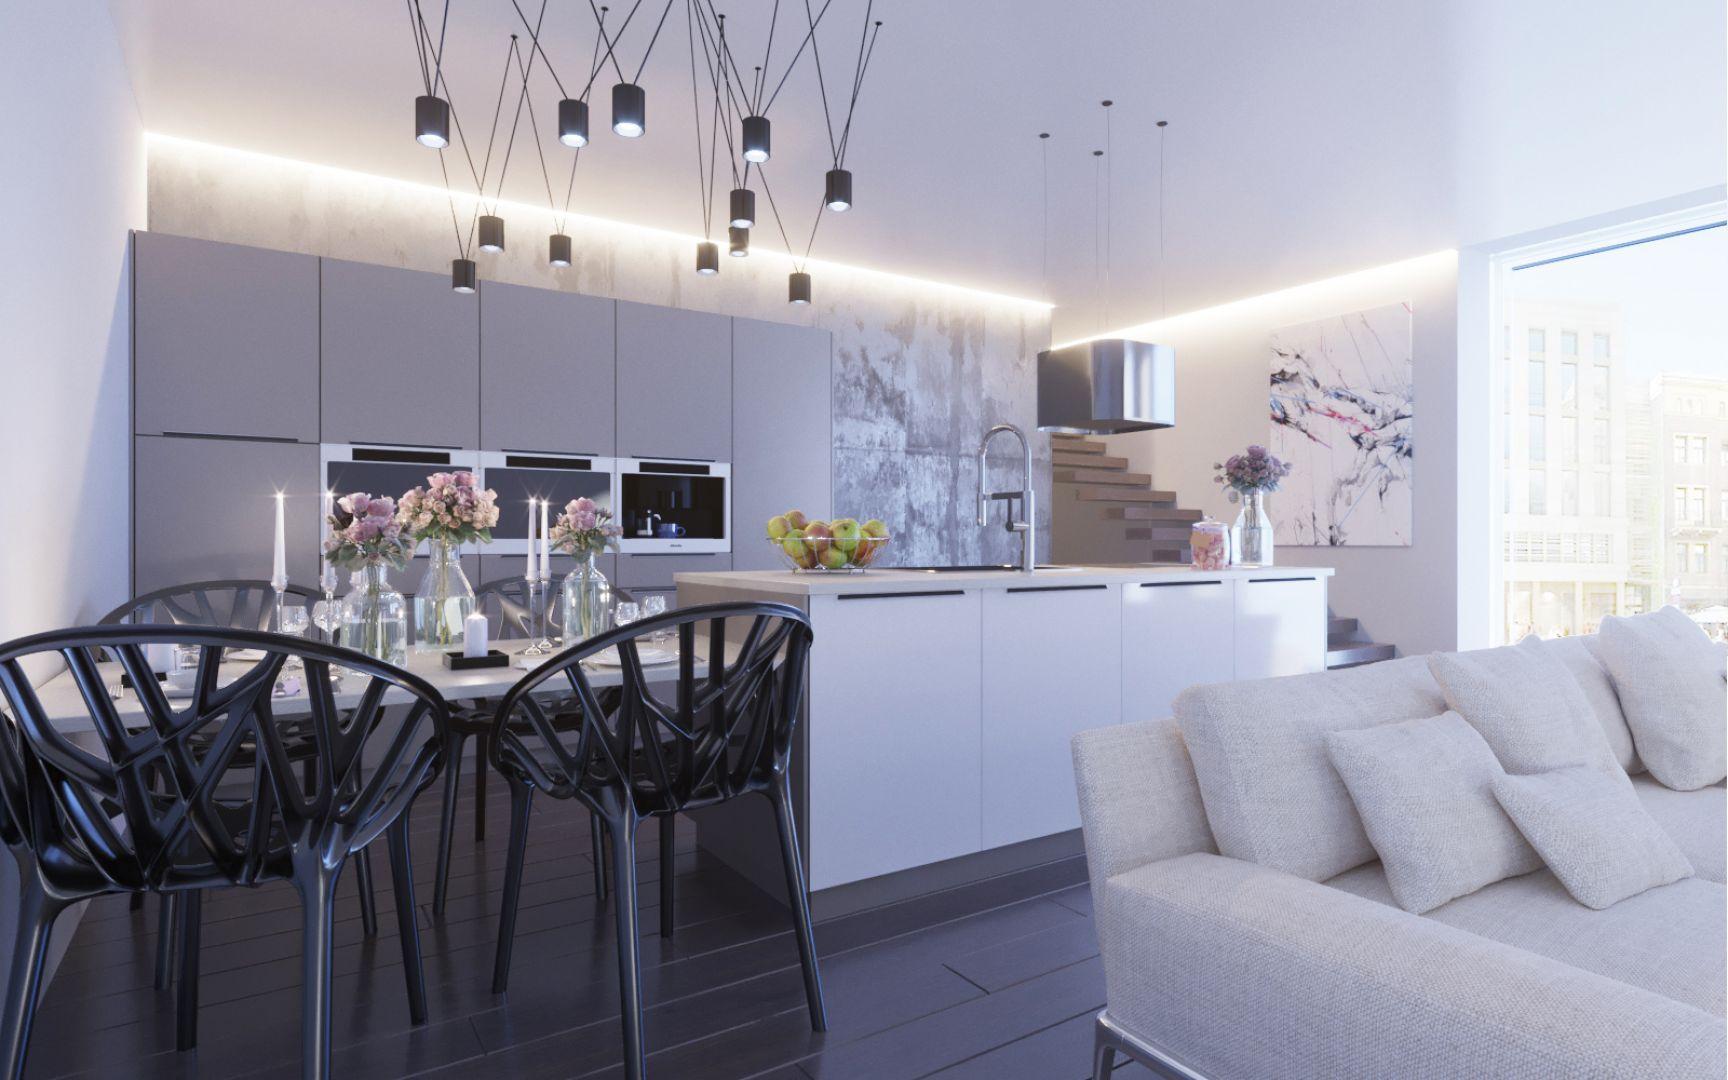 Odpowiednie dodatki pozwolą stworzyć kuchnię w stylu glamour. Fot. Salony Agata